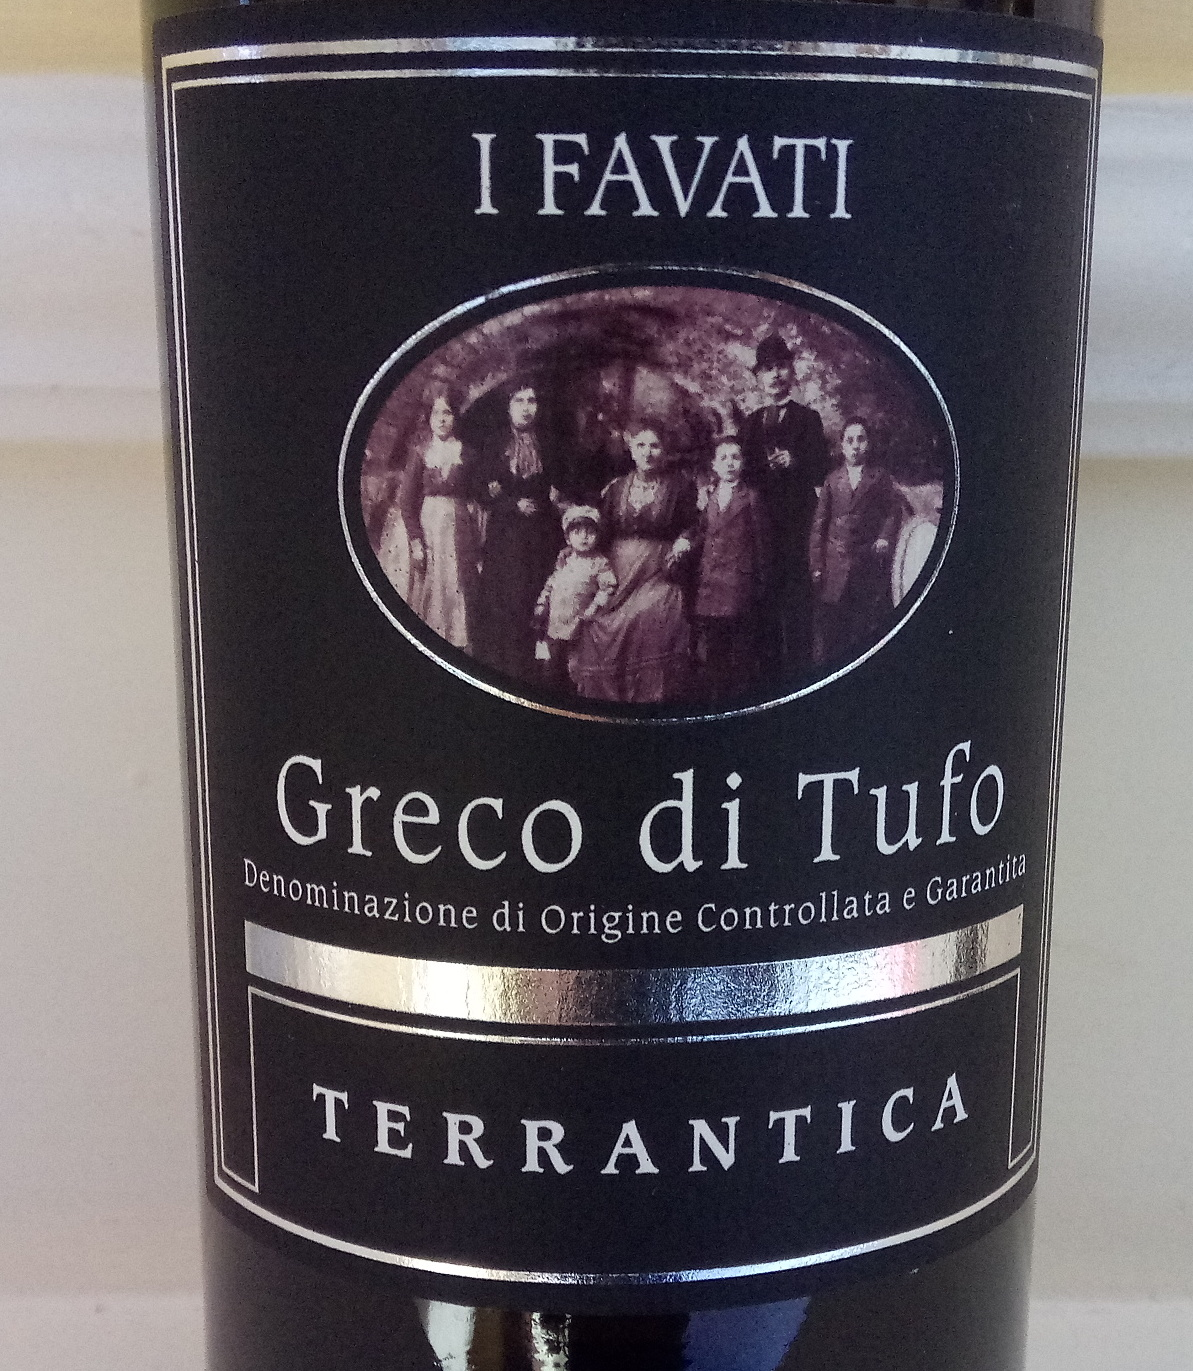 Terrantica Greco di Tufo Docg 2016 I Favati